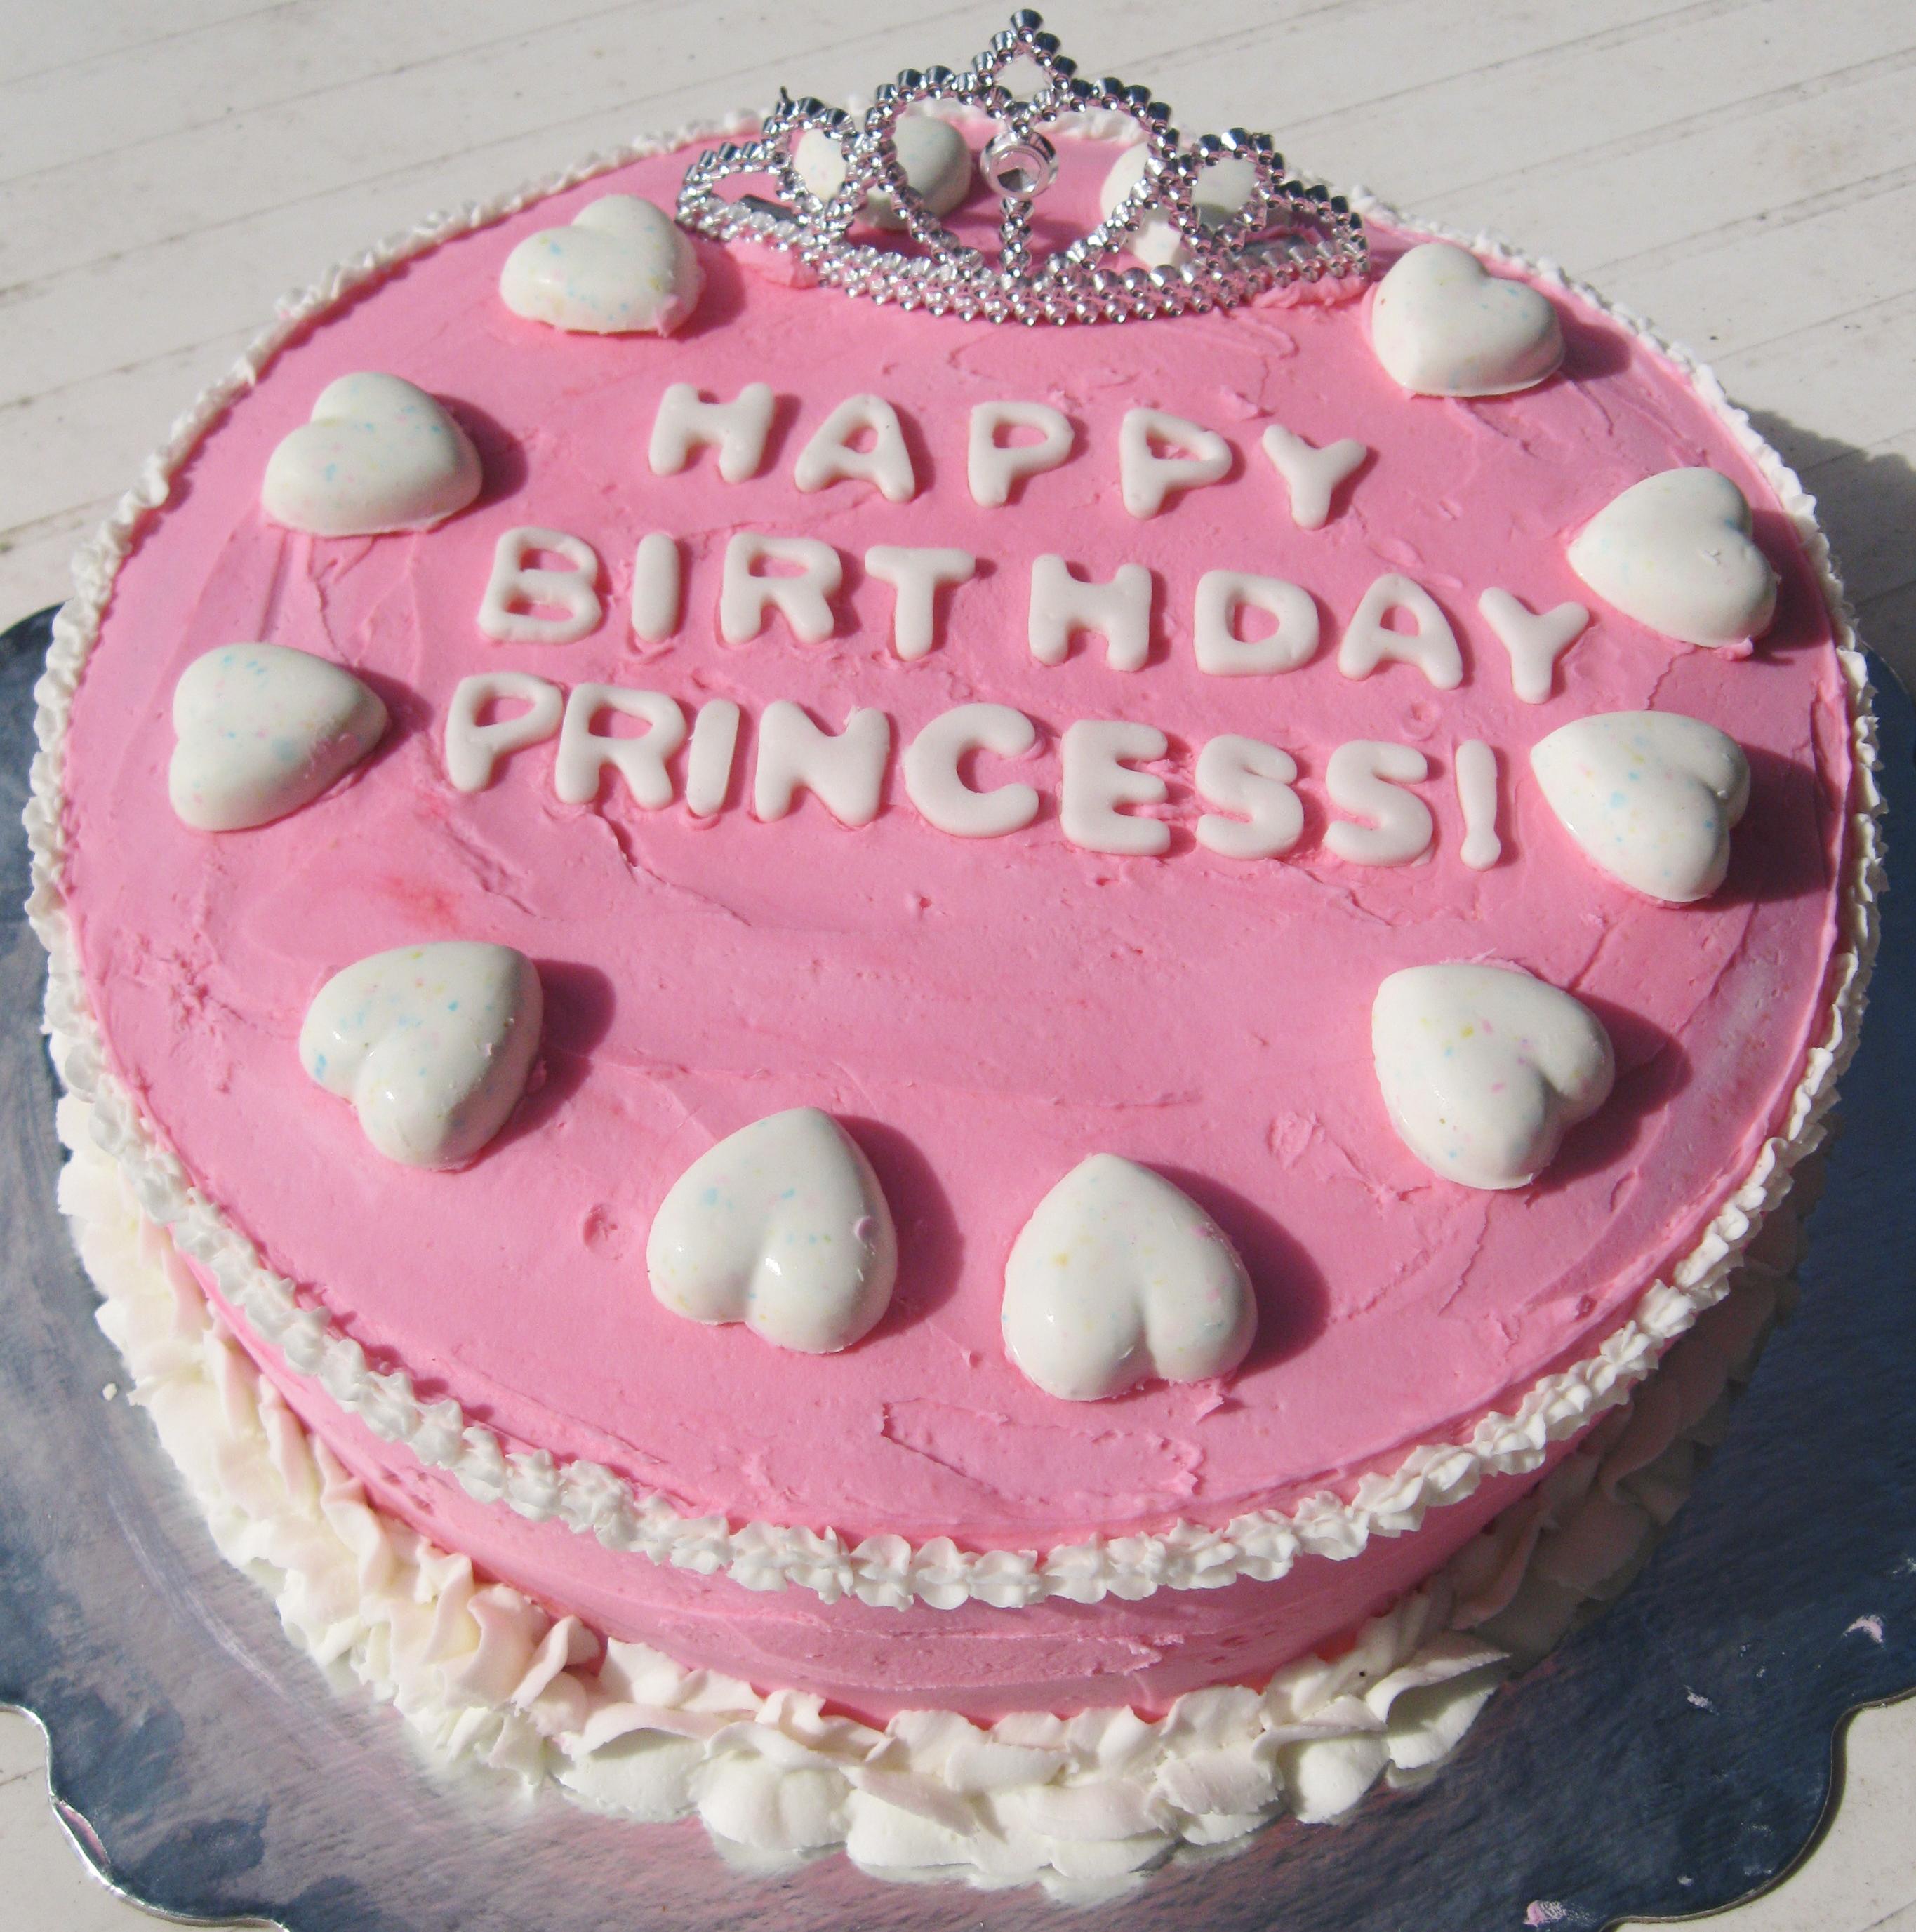 10 Princess Bday Cakes Photo Pink Princess Birthday Cake Happy